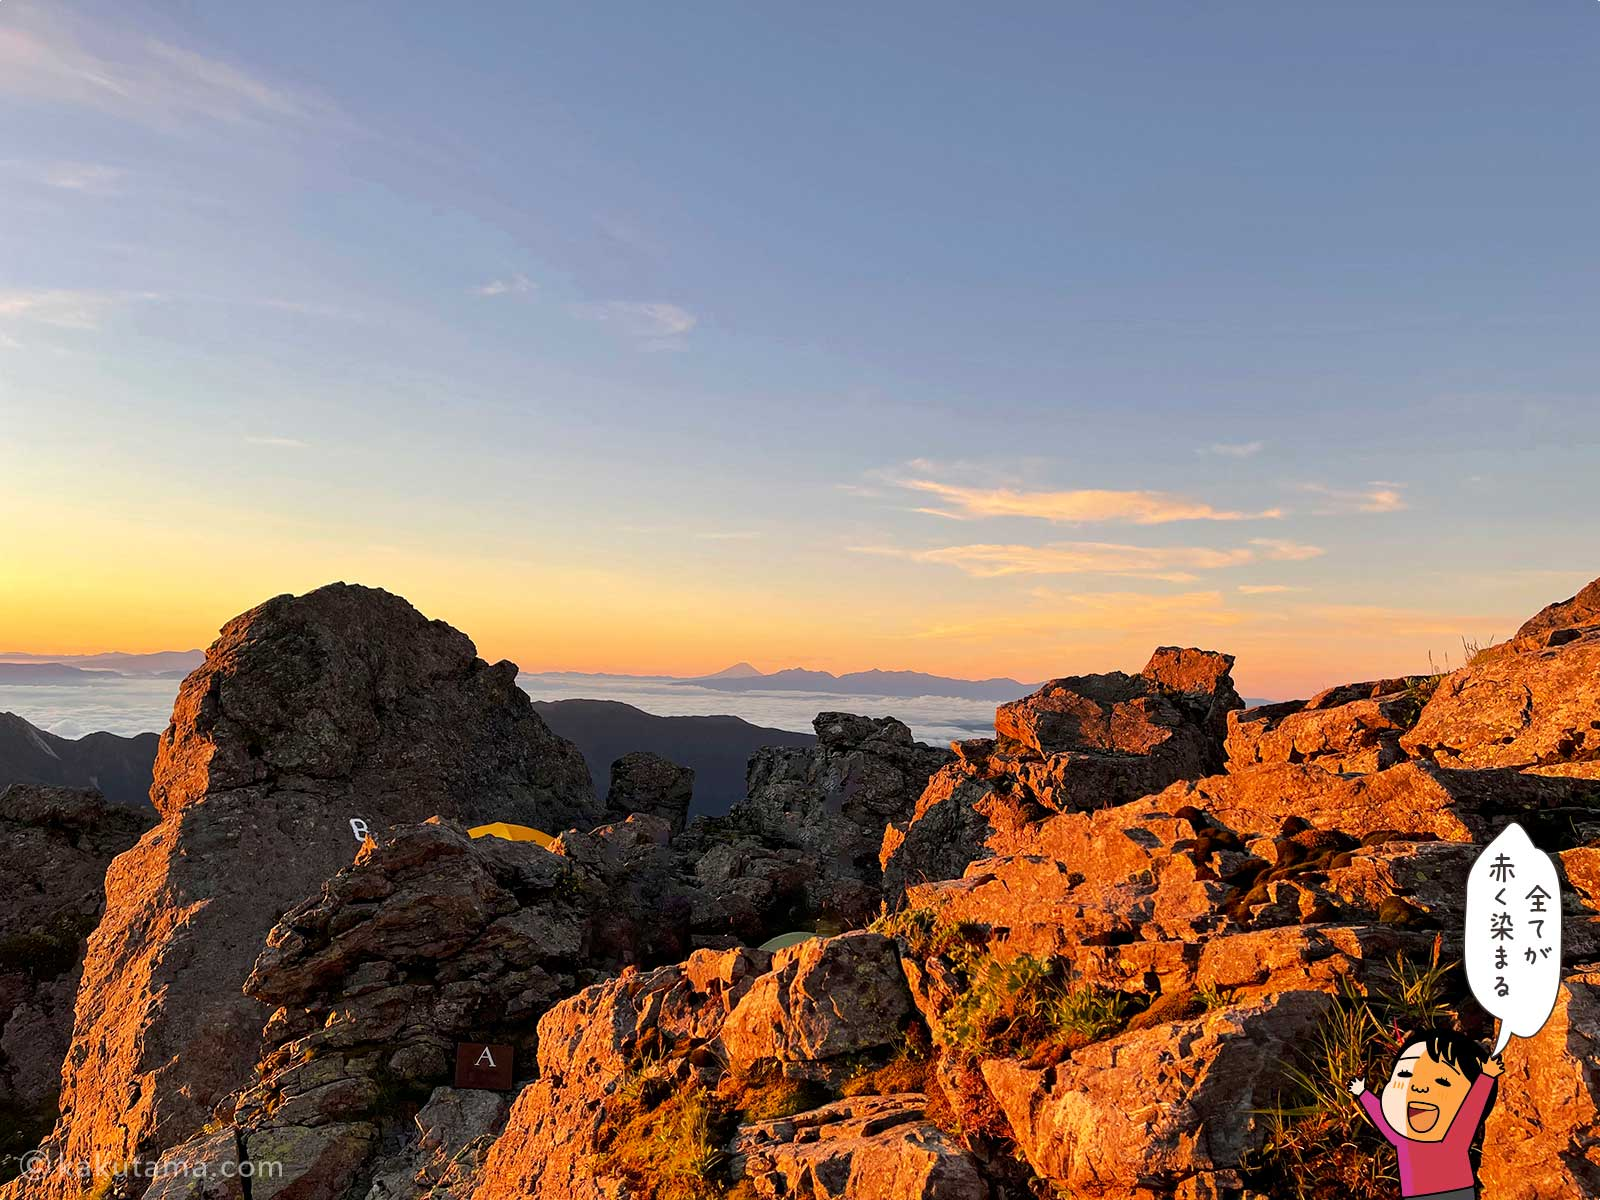 日の出により赤く染まる山々